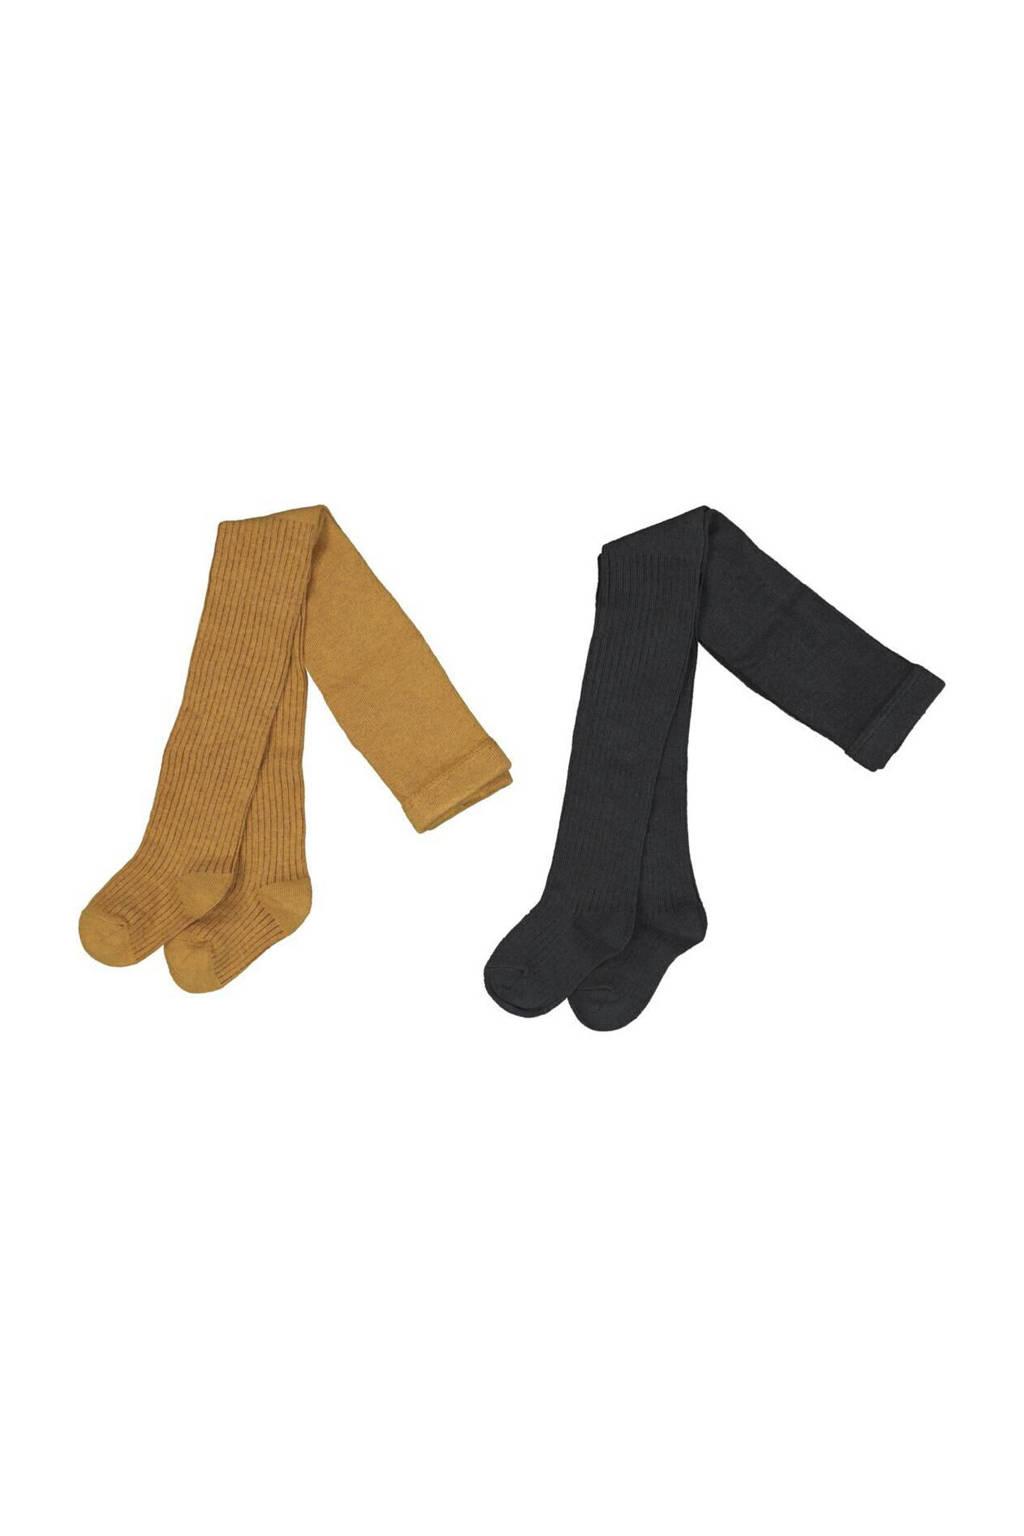 HEMA maillot - set van 2 oker/zwart, Oker/zwart